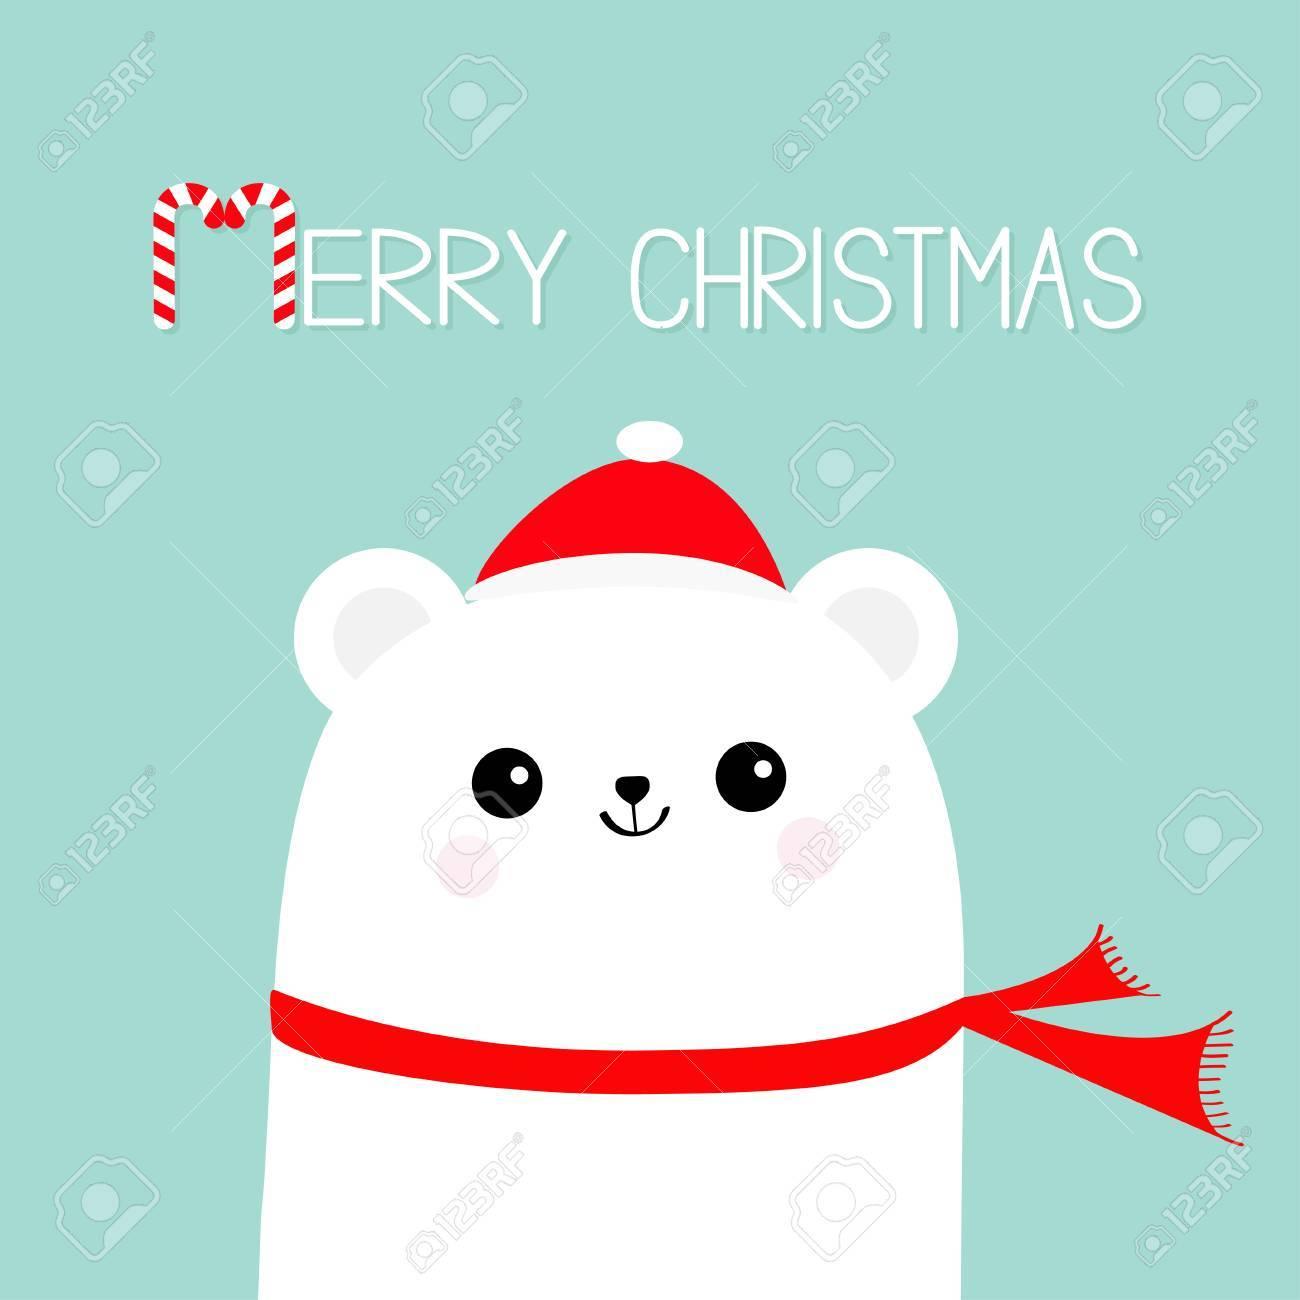 Joyeux Noel Candy Cane Visage De Tete D Ours Blanc Polaire Portant